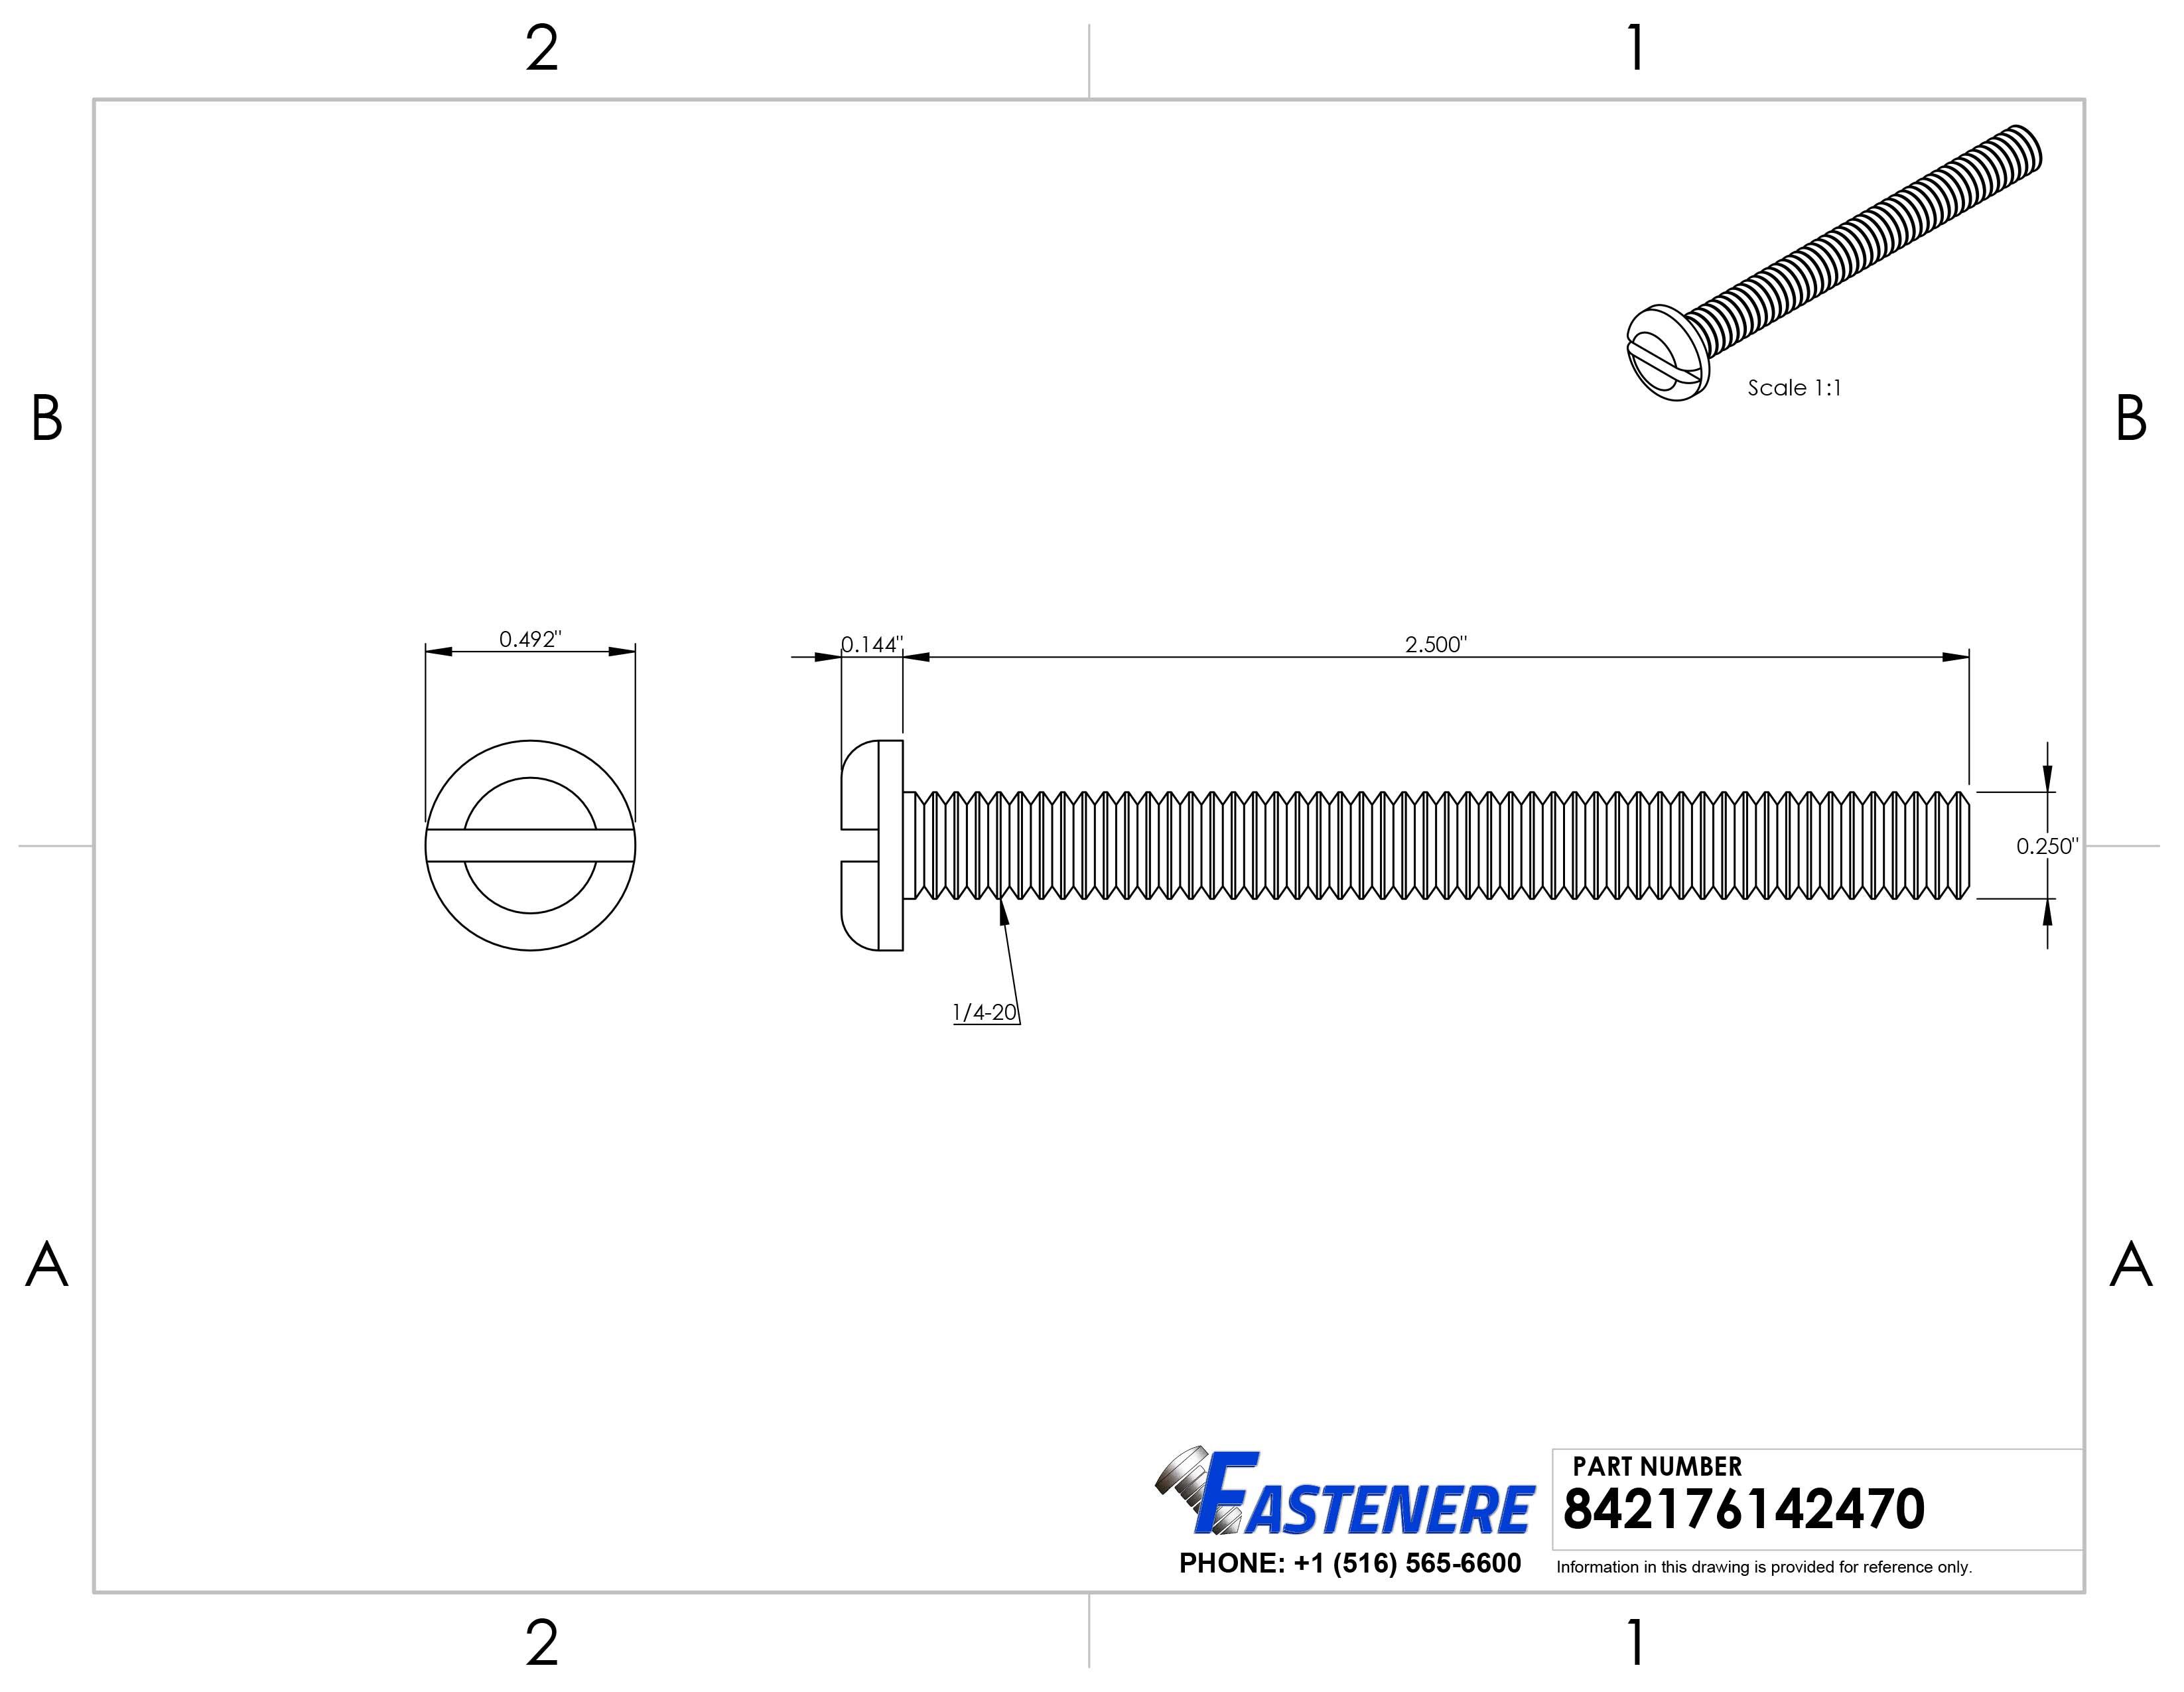 Threaded Stud U22080.125.0550 PK20 Pln 1-1//4-8x5-1//2 B7